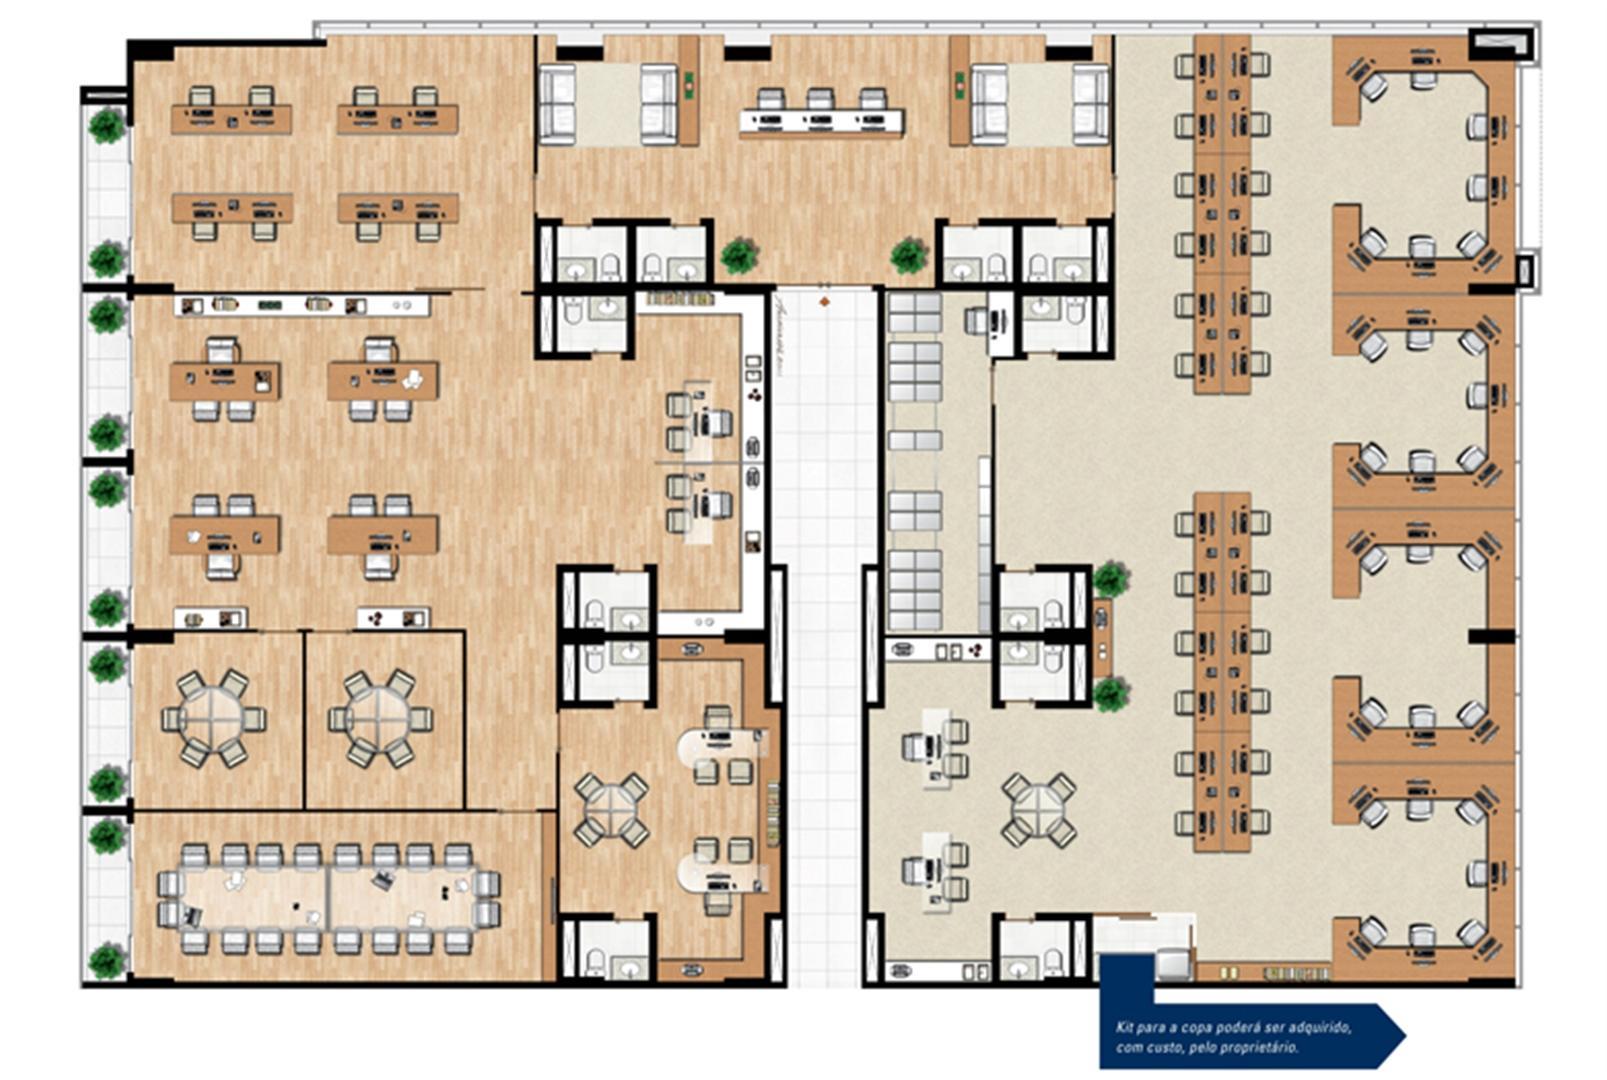 Planta de 104 m² privativos opção de junção   Vega – Salas Comerciais na  Asa Norte  - Brasília - Distrito Federal